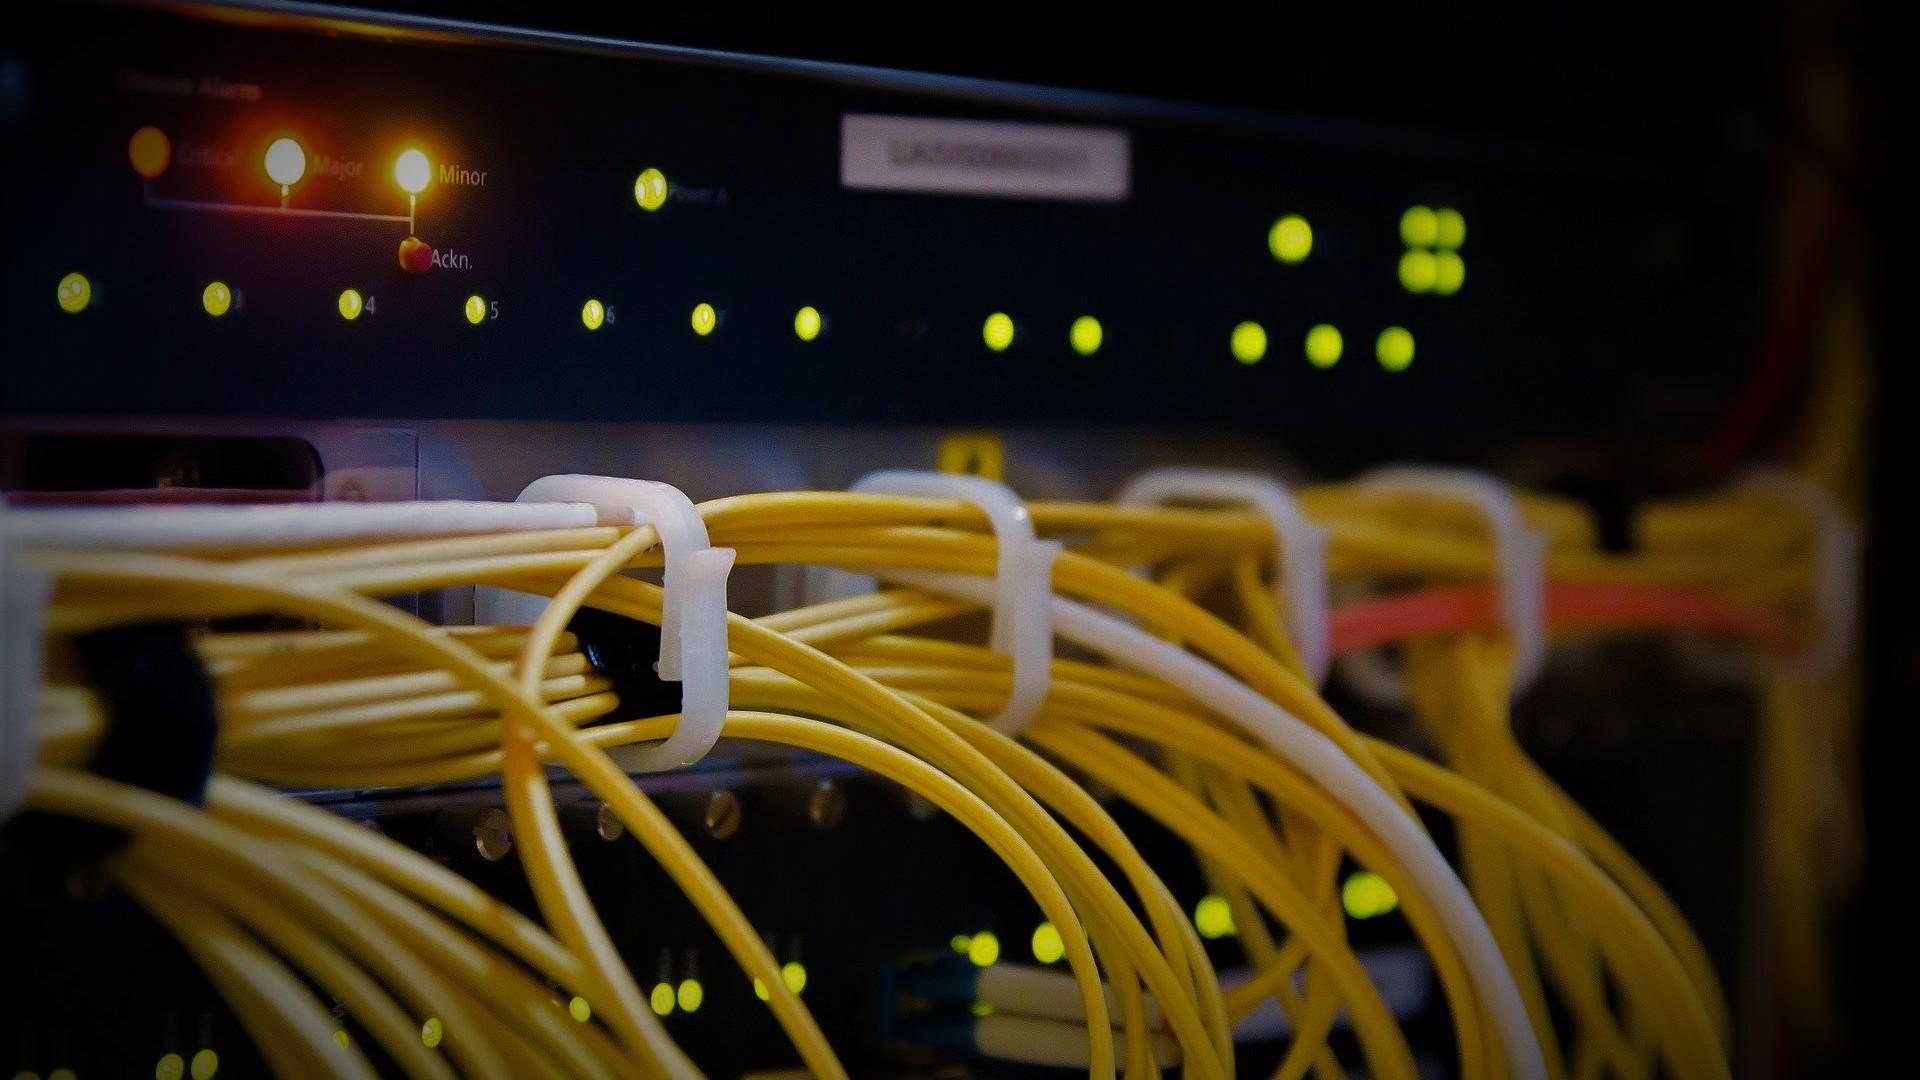 cyberspace-2784907_1920